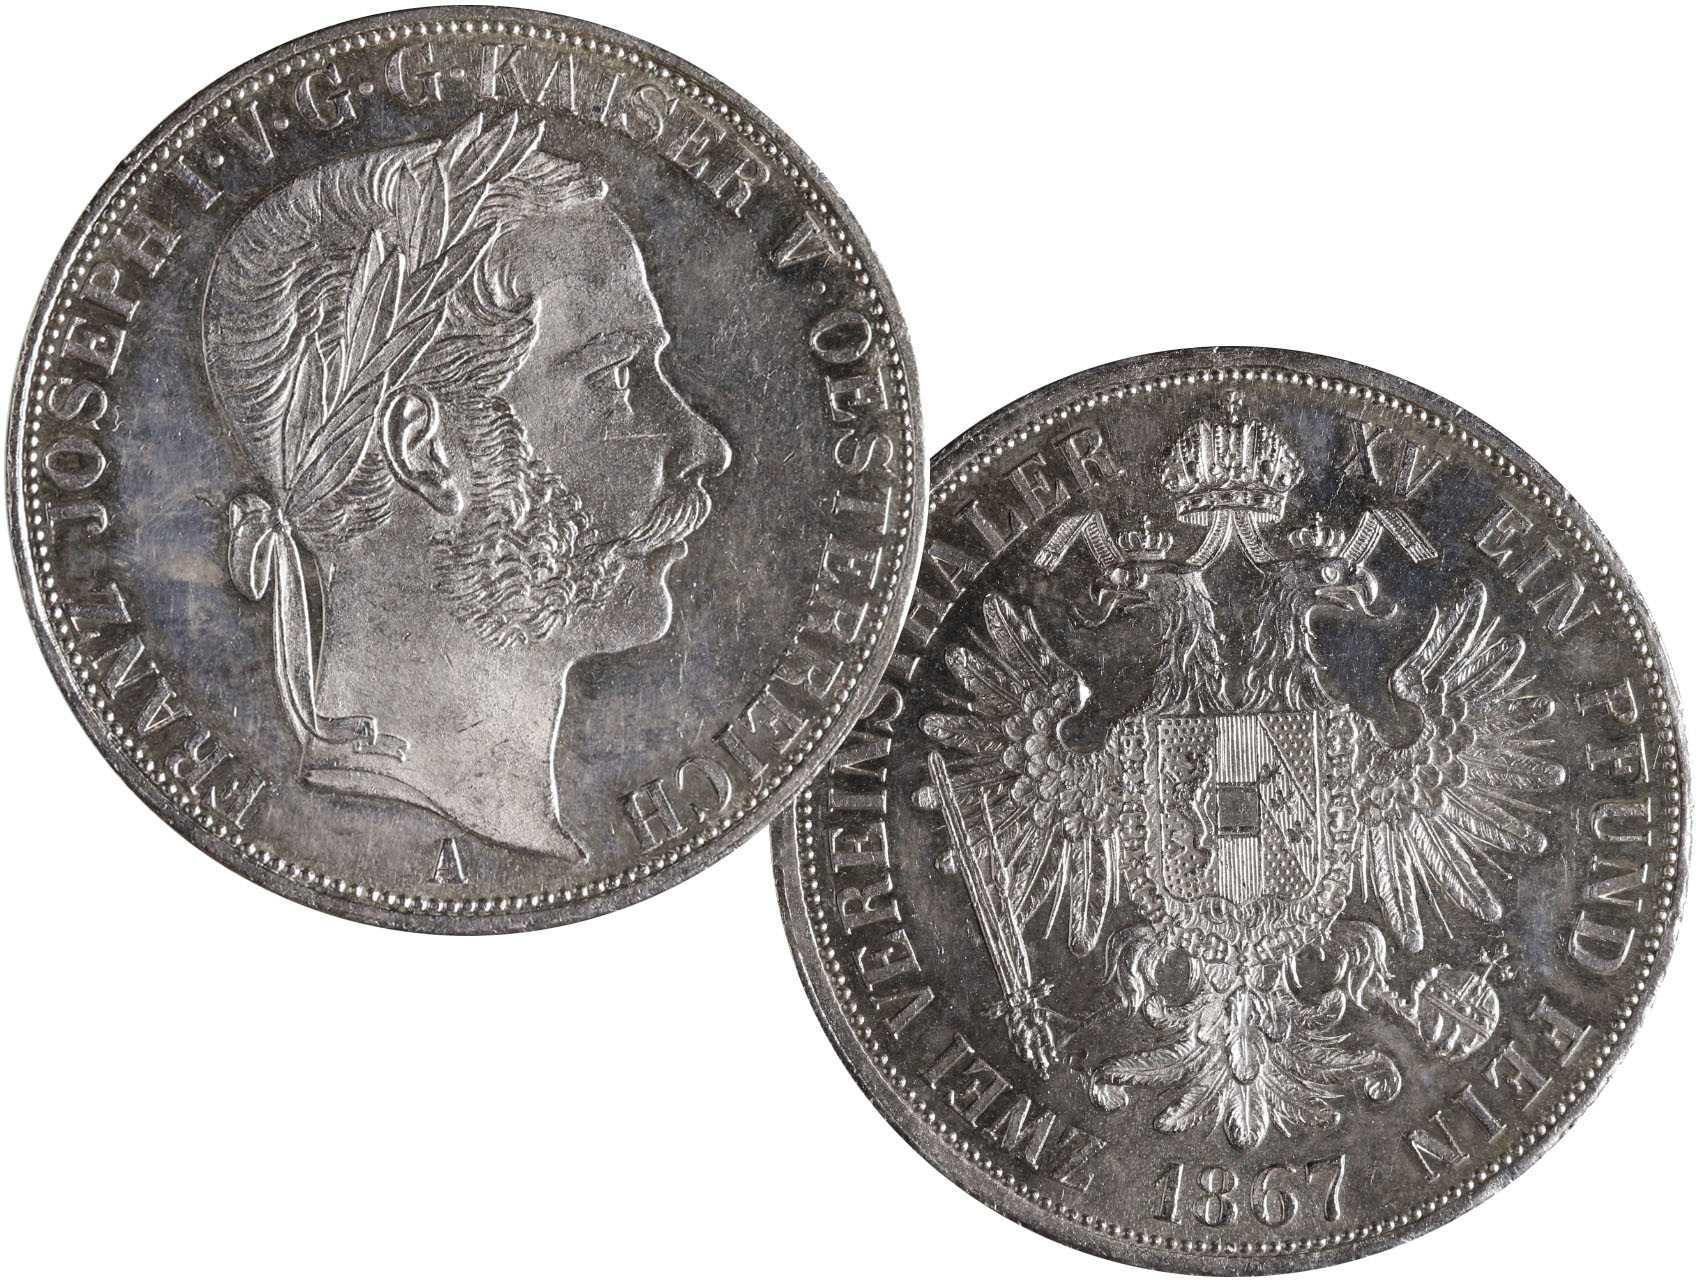 František Josef I. 1848-1916 - Spolkový dvoutolar 1867 A, raženo 8300 ks. N57